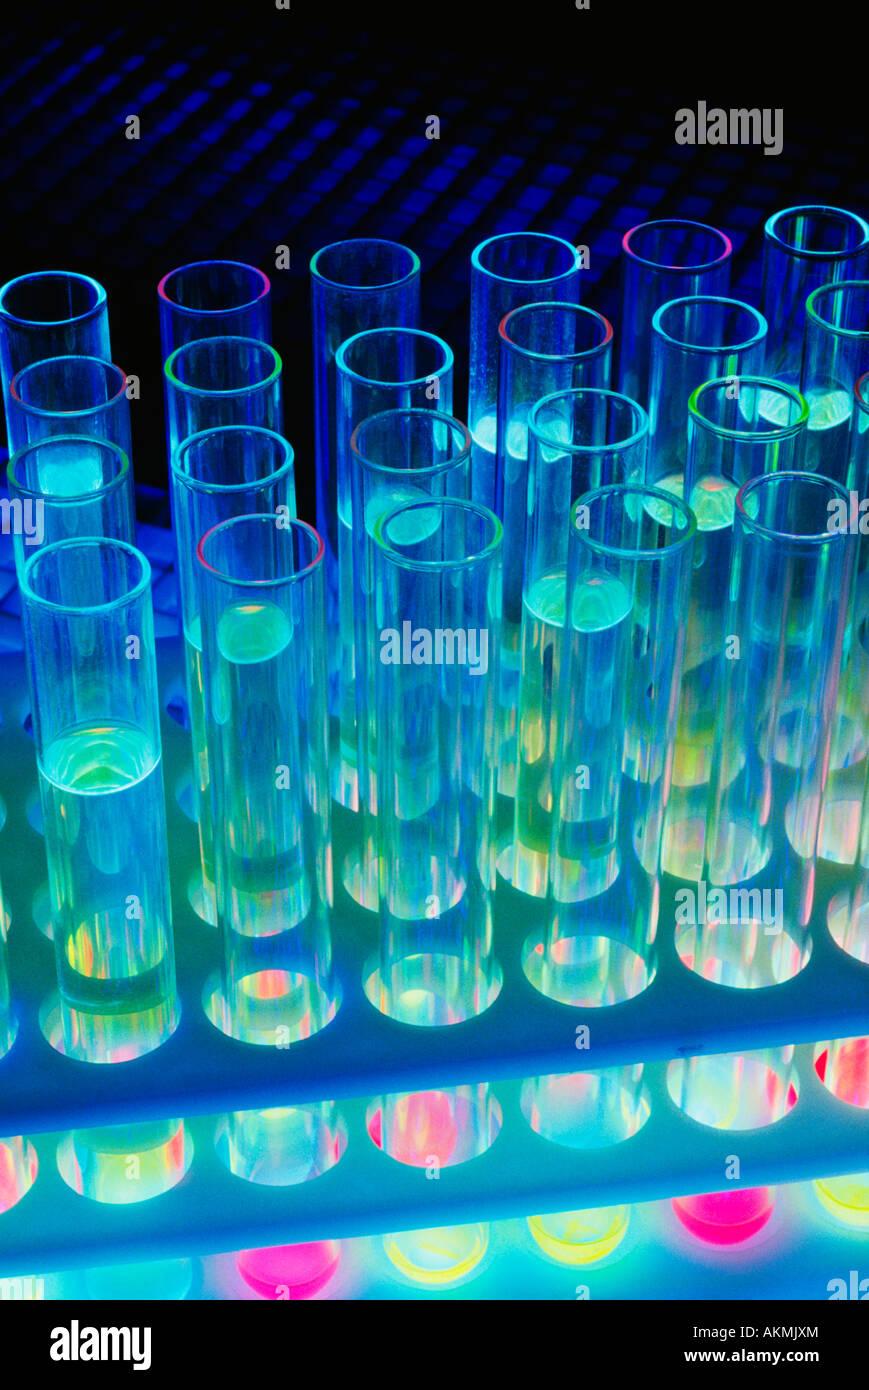 Test tubes in test tube rack - Stock Image